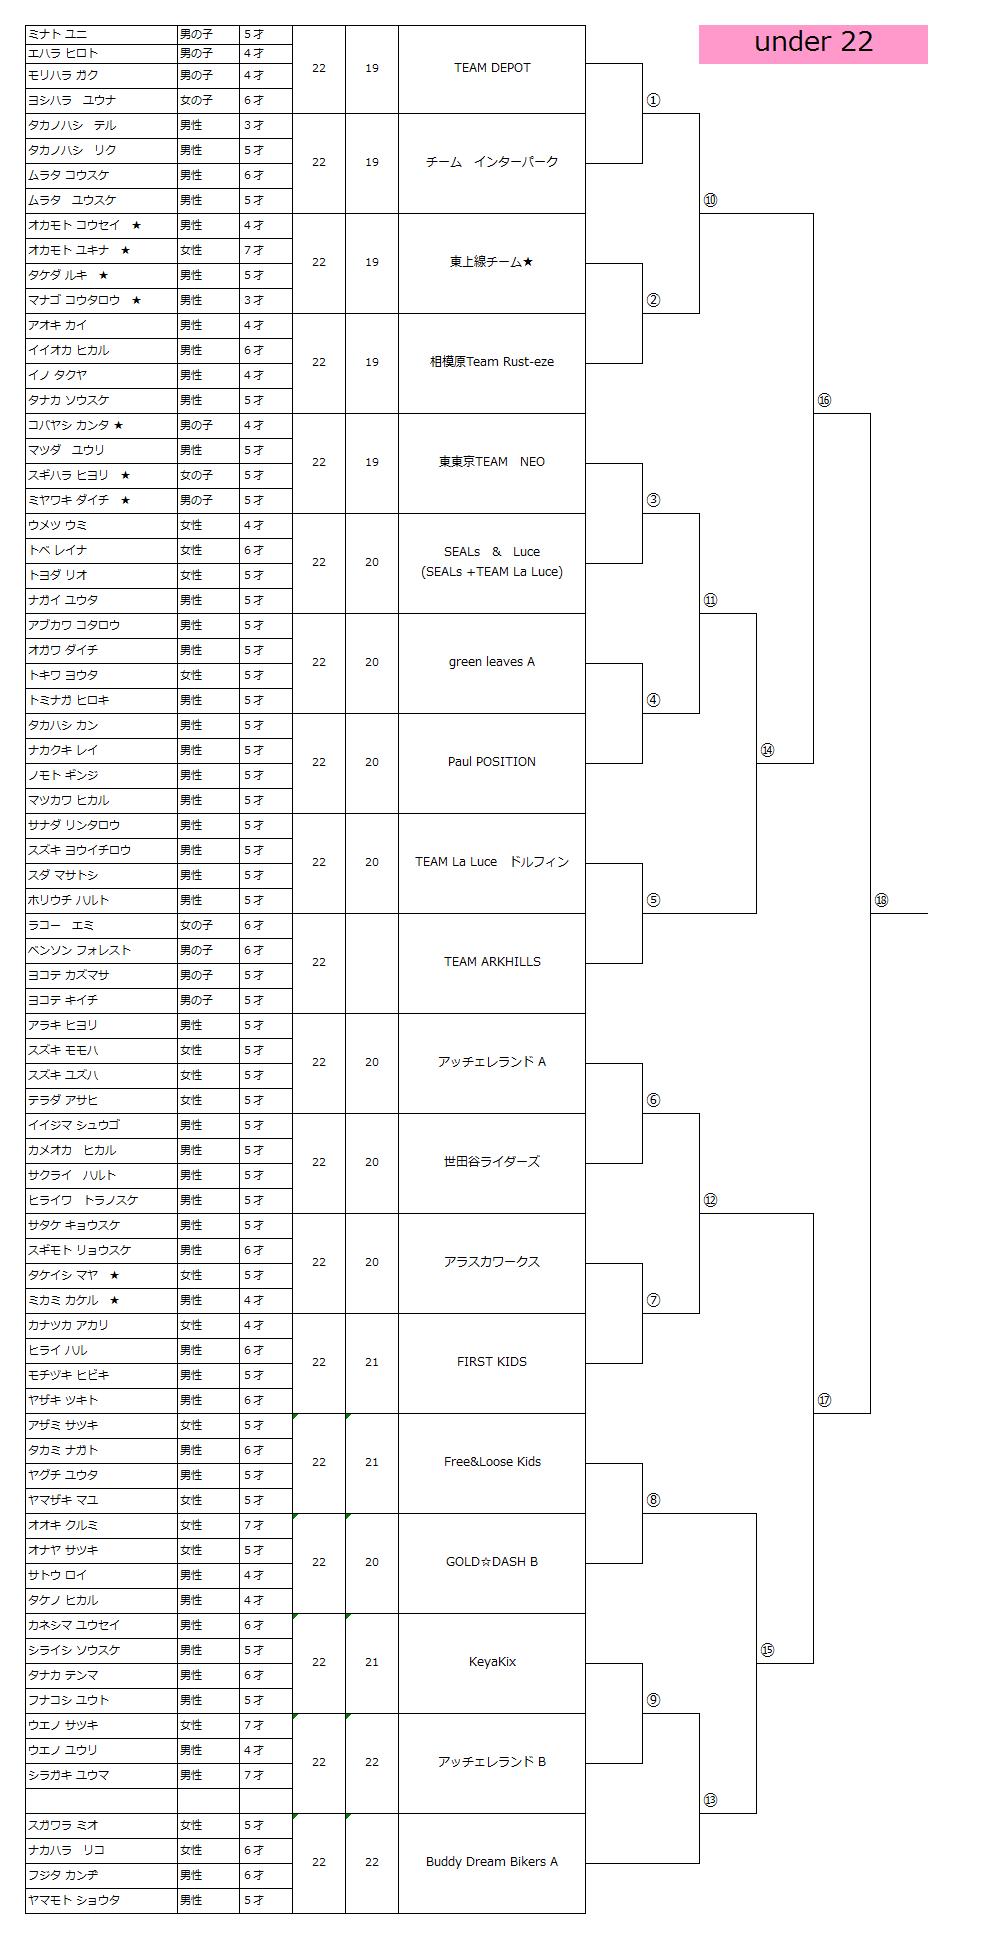 第1回Cycle Speedway Milky Class 最終トーナメント表_f0063022_2002234.png